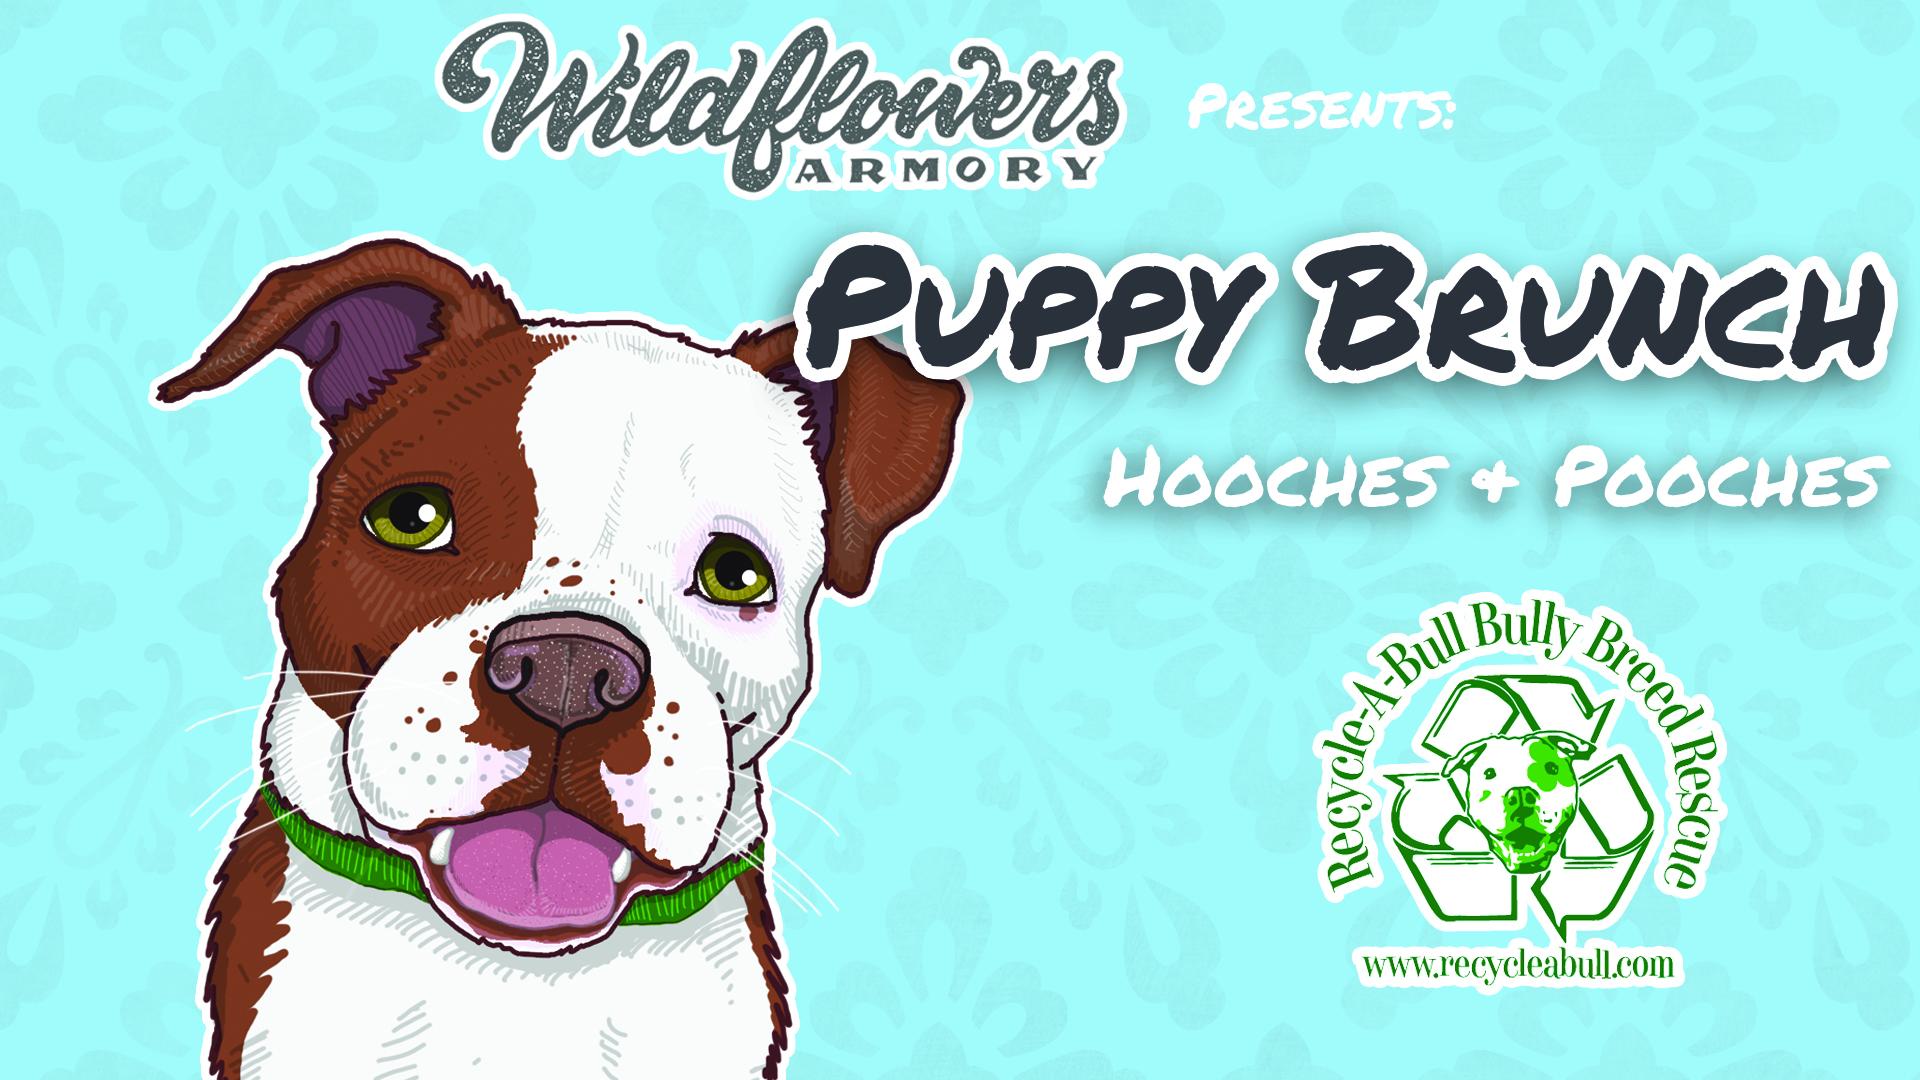 Puppy Brunch 2 Event Flyer